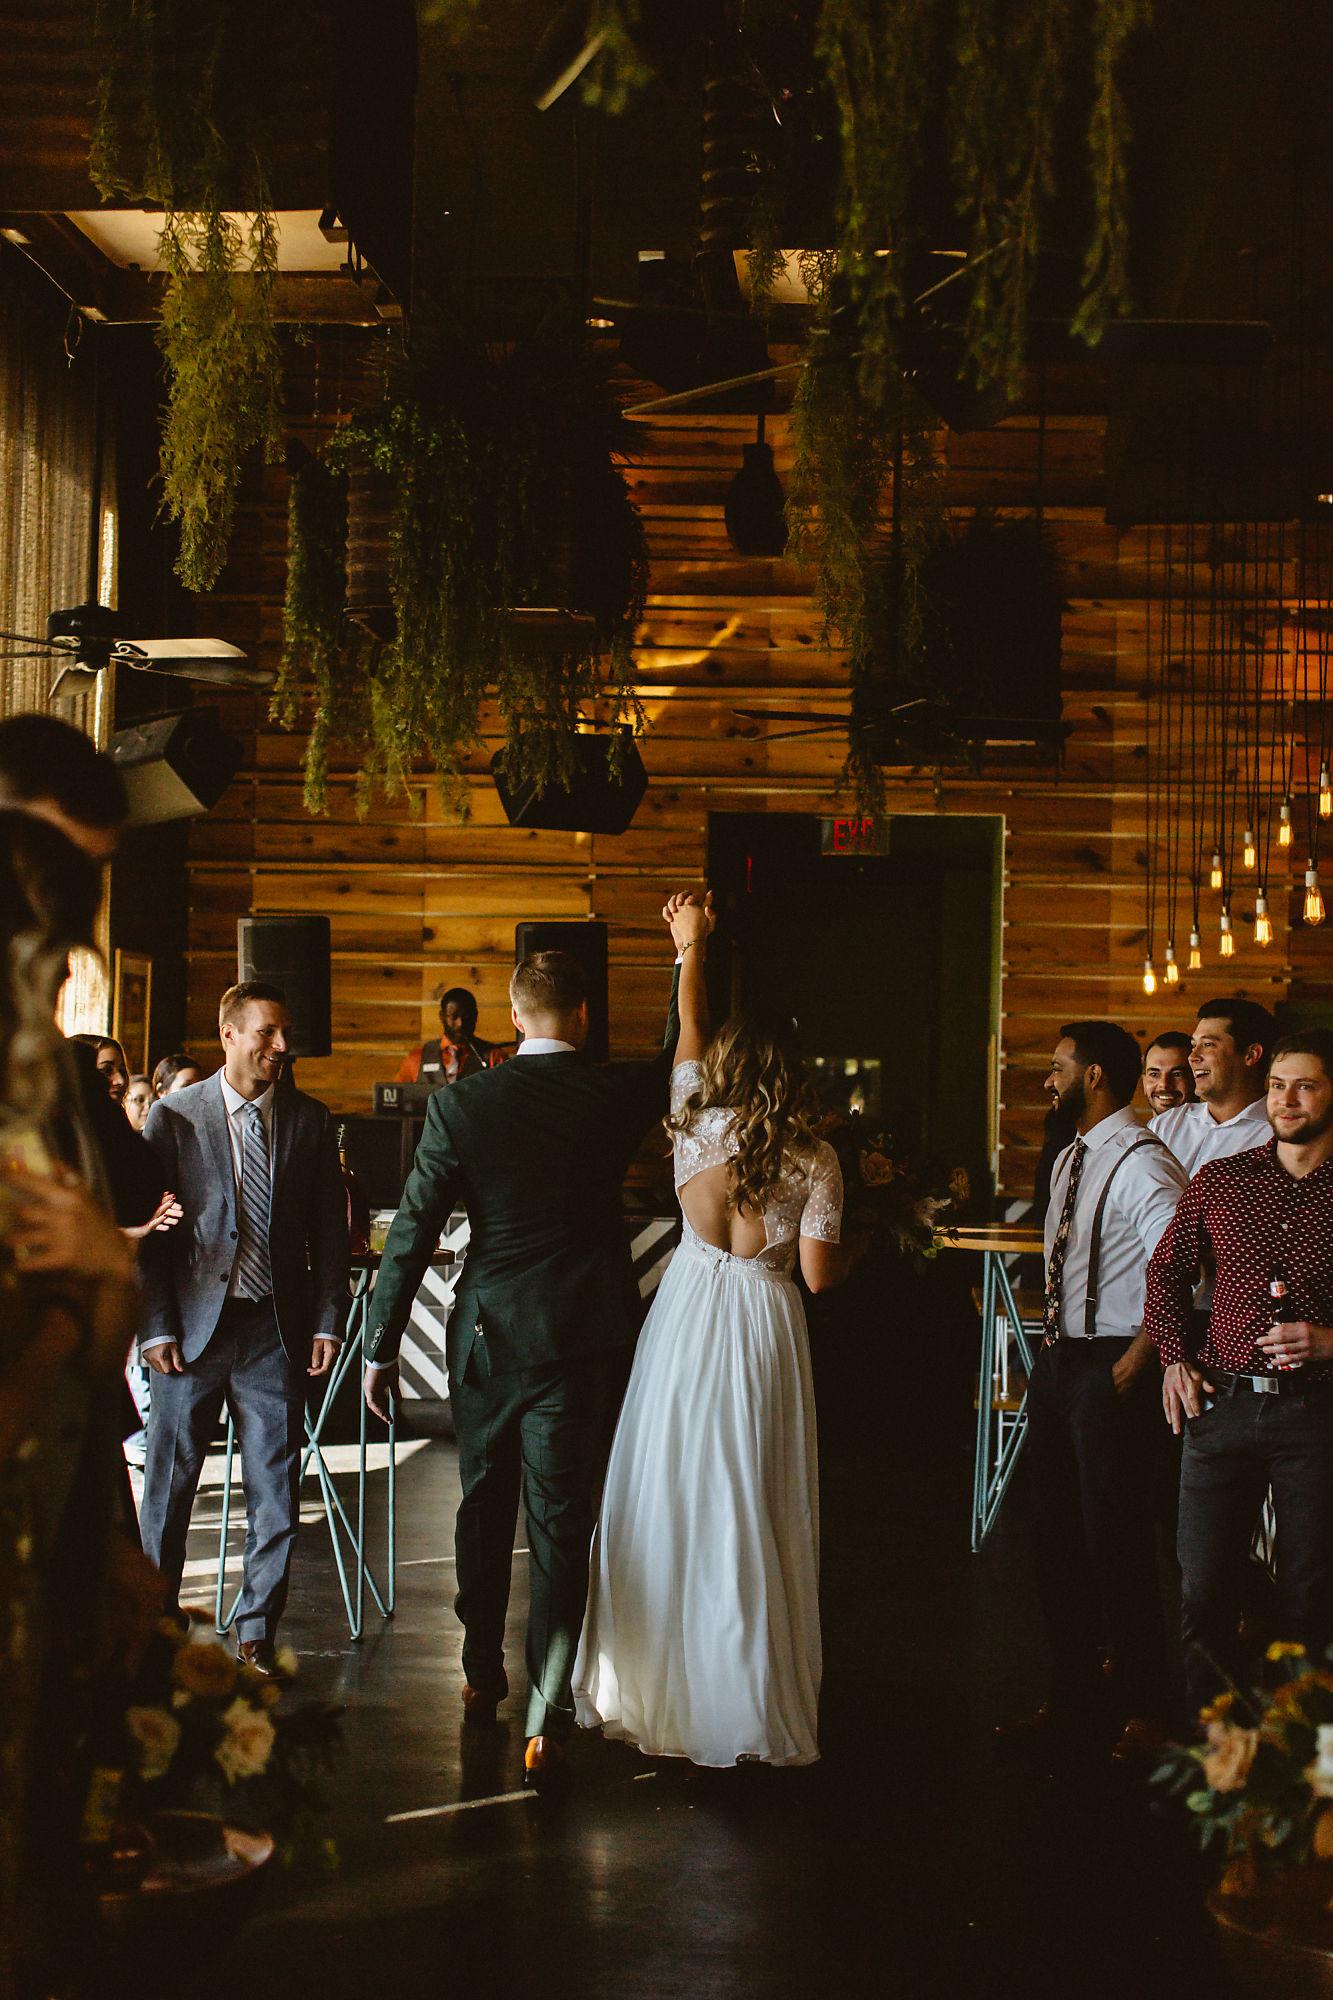 amber_cameron_malverde_wedding_photos114900.jpg